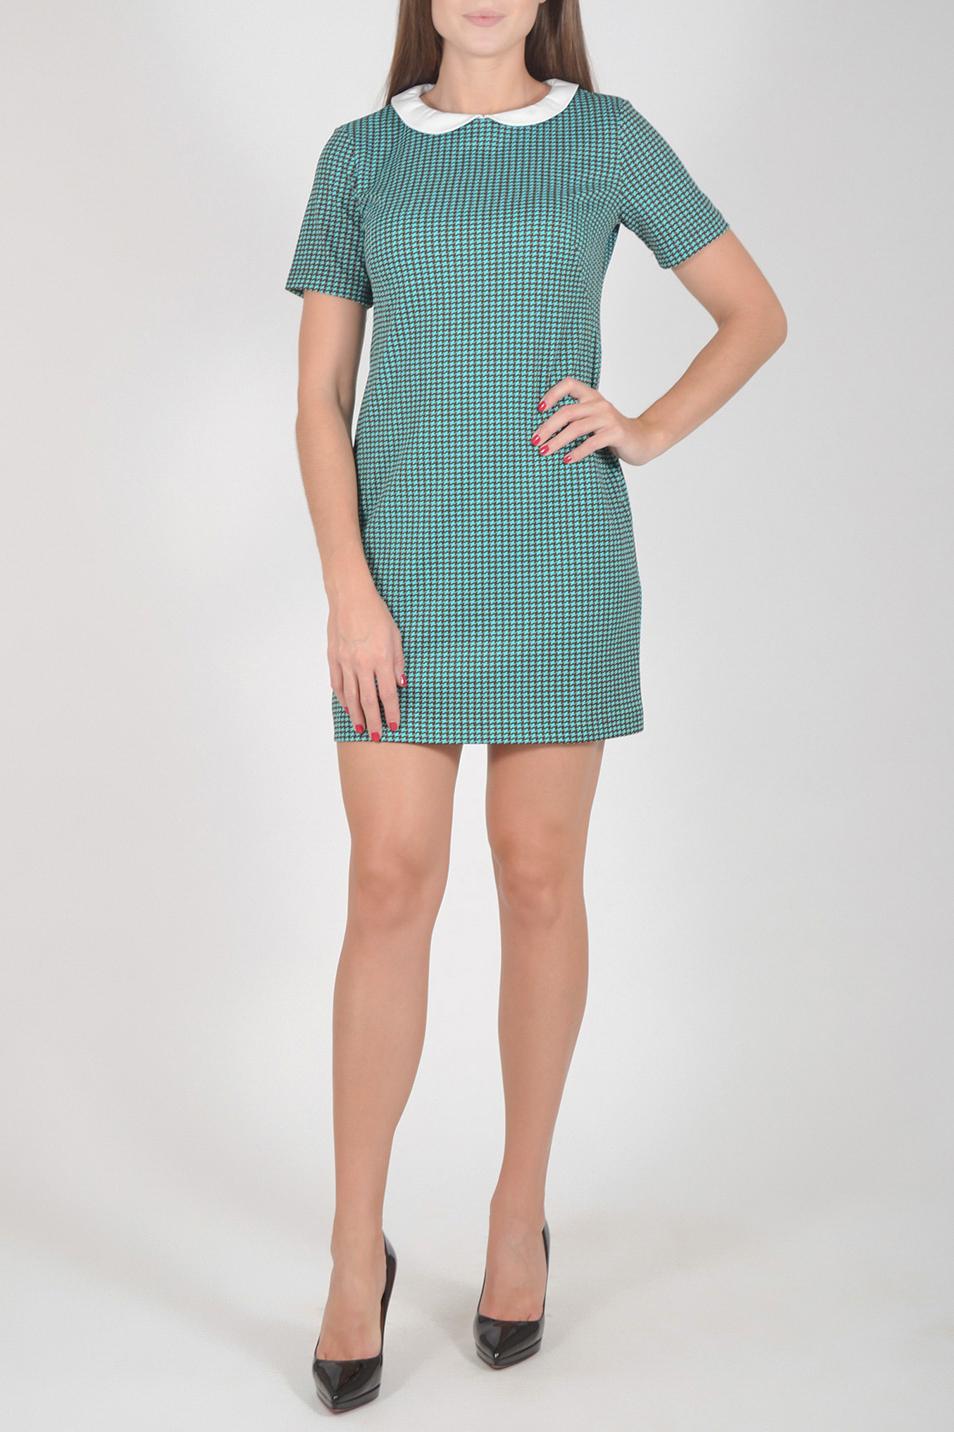 ПлатьеПлатья<br>Цветное платье с контрастным воротничком и короткими рукавами. Модель выполнена из мягкой вискозы. Отличный выбор для повседневного гардероба.  Длина изделия по спинке до 48 размера - 85 см., от 48 размера - 93 см.  В изделии использованы цвета: бирюзовый и др.  Рост девушки-фотомодели 170 см.  Параметры размеров: 42 размер - обхват груди 84 см., обхват талии 66 см., обхват бедер 92 см. 44 размер - обхват груди 88 см., обхват талии 70 см., обхват бедер 96 см. 46 размер - обхват груди 92 см., обхват талии 74 см., обхват бедер 100 см. 48 размер - обхват груди 96 см., обхват талии 78 см., обхват бедер 104 см. 50 размер - обхват груди 100 см., обхват талии 82 см., обхват бедер 108 см. 52 размер - обхват груди 104 см., обхват талии 86 см., обхват бедер 112 см. 54 размер - обхват груди 108 см., обхват талии 91 см., обхват бедер 116 см. 56 размер - обхват груди 112 см., обхват талии 95 см., обхват бедер 120 см. 58 размер - обхват груди 116 см., обхват талии 100 см., обхват бедер 124 см. 60 размер - обхват груди 120 см., обхват талии 105 см., обхват бедер 128 см.<br><br>Воротник: Отложной<br>Горловина: С- горловина<br>По длине: До колена<br>По материалу: Вискоза<br>По рисунку: С принтом,Цветные<br>По силуэту: Полуприталенные<br>По стилю: Повседневный стиль<br>По форме: Платье - футляр<br>Рукав: Короткий рукав<br>По сезону: Осень,Весна<br>Размер : 44,46,48,50,52<br>Материал: Трикотаж<br>Количество в наличии: 14